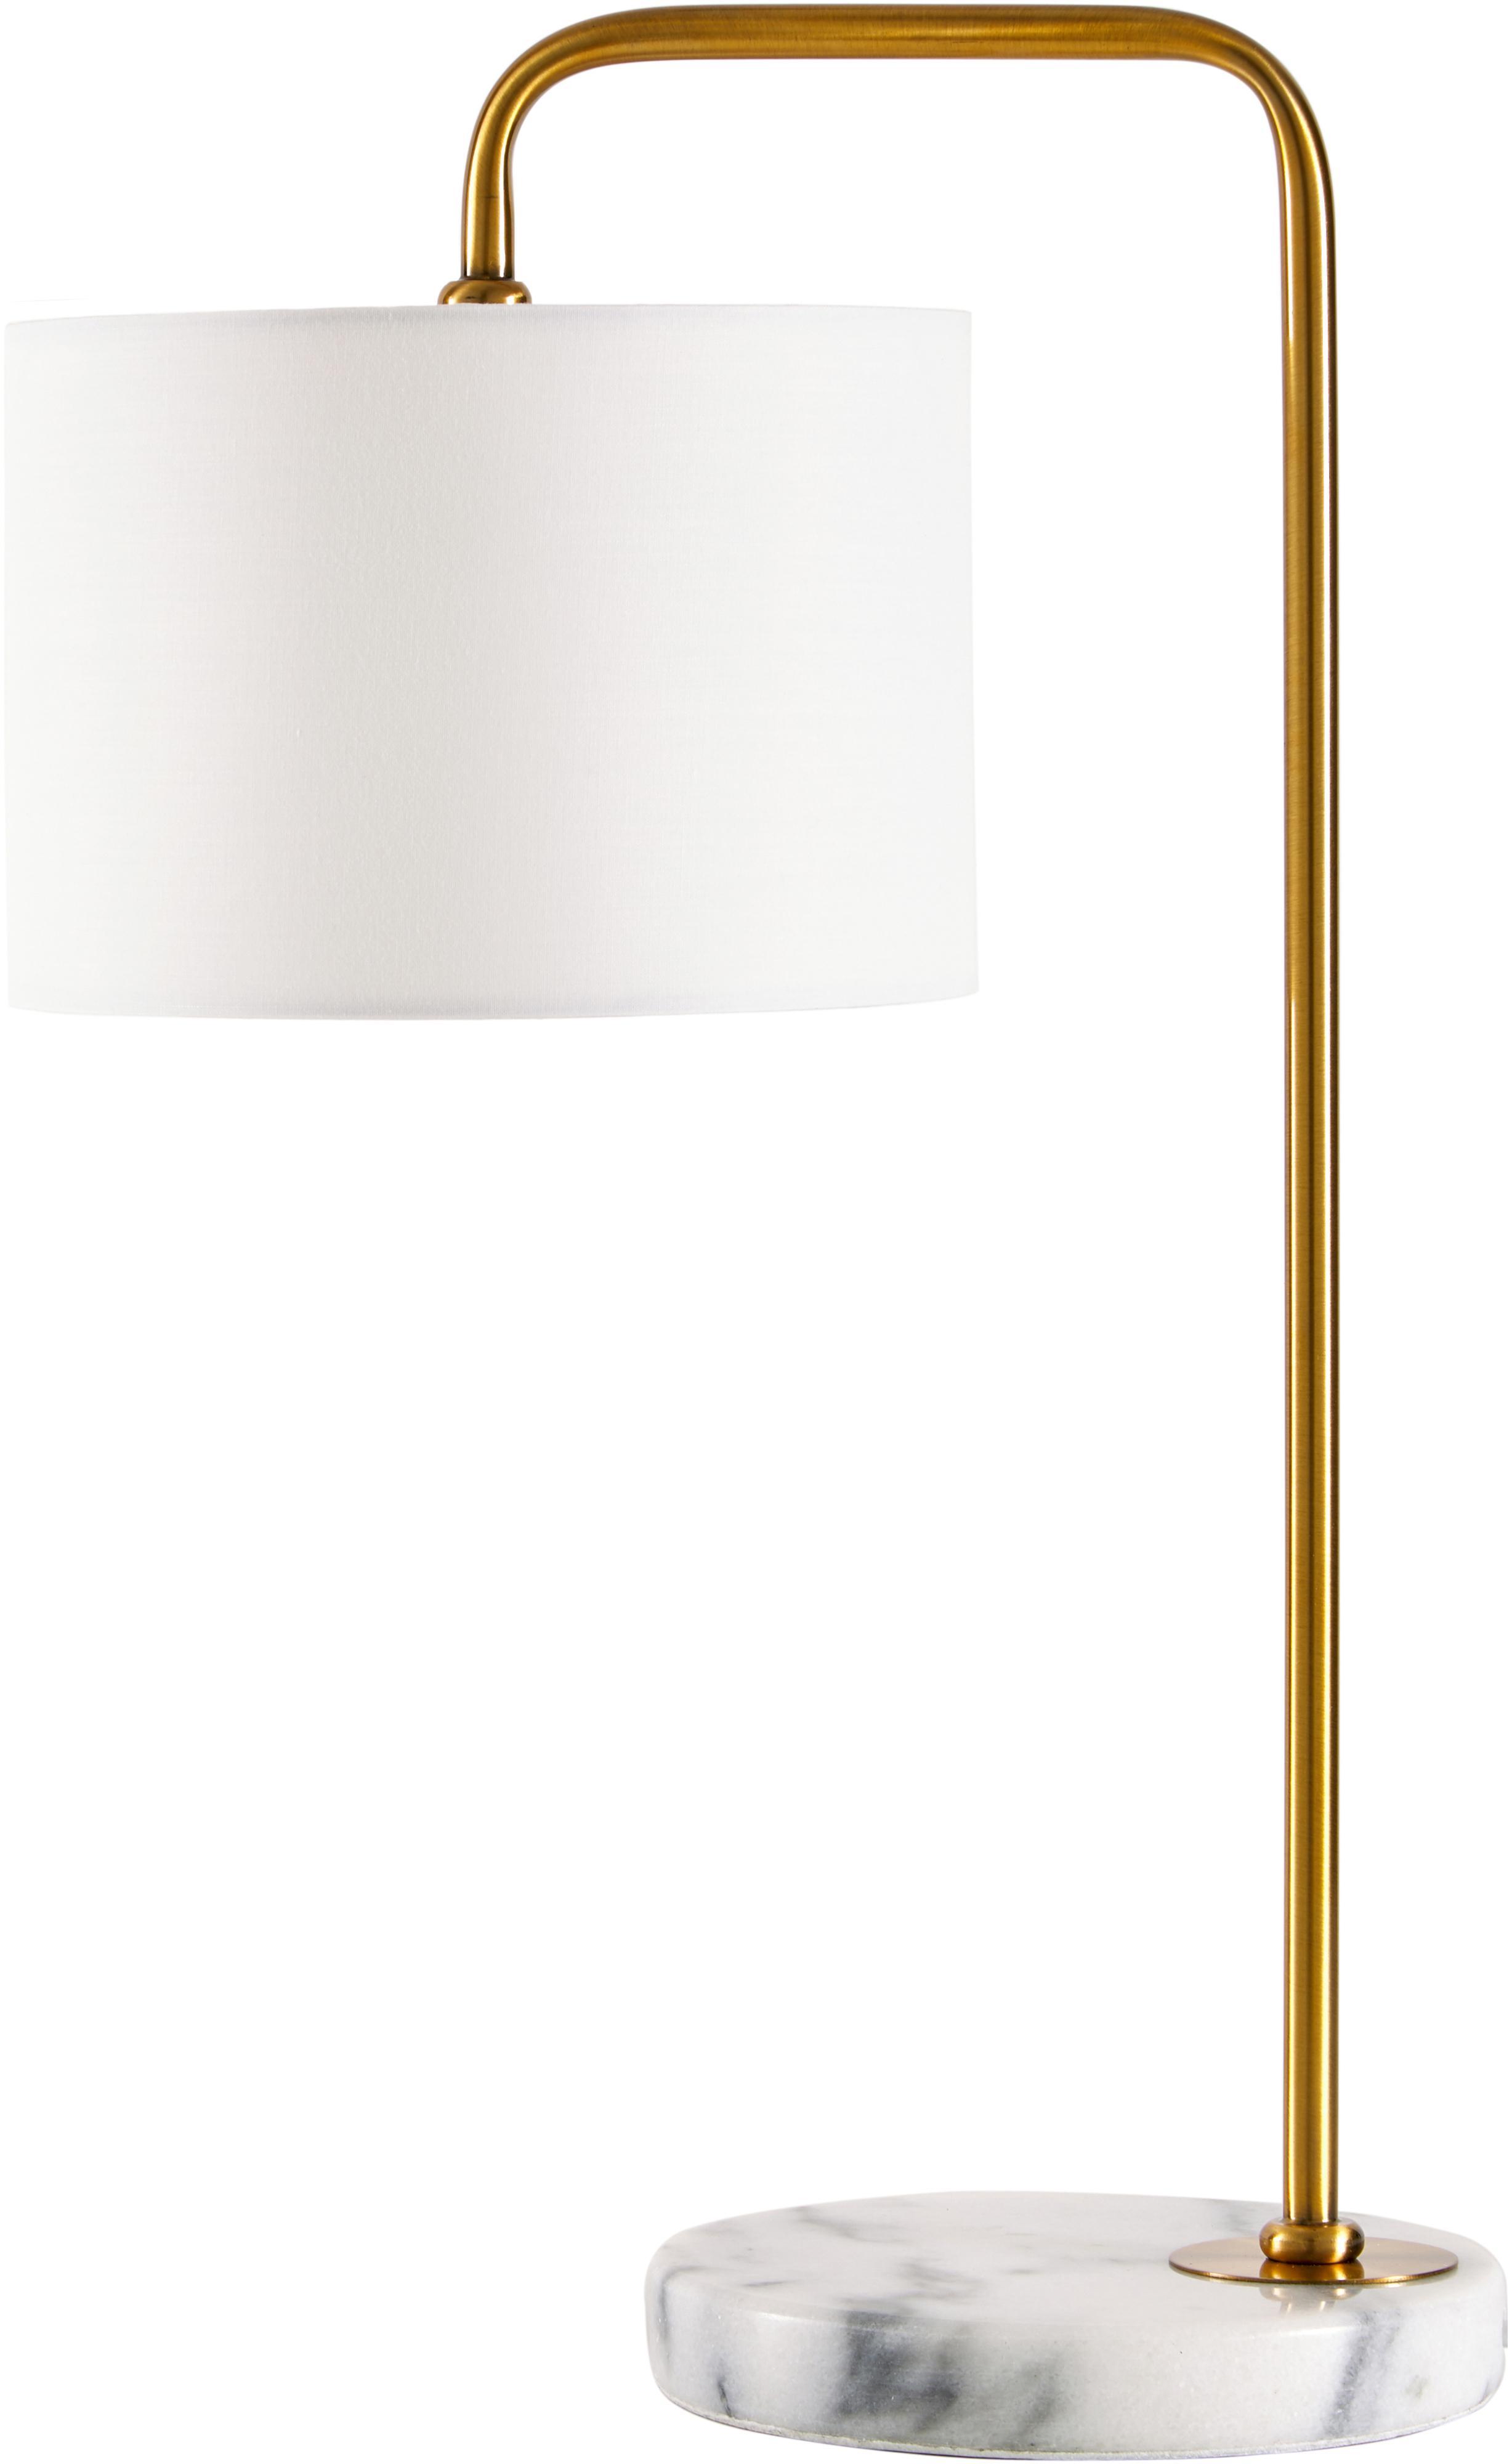 Lámpara de mesa de mármol Montreal, Pantalla: tela, Estructura: metal galvanizado, Cable: plástico, Blanco, dorado, Ø 20 x Al 49 cm